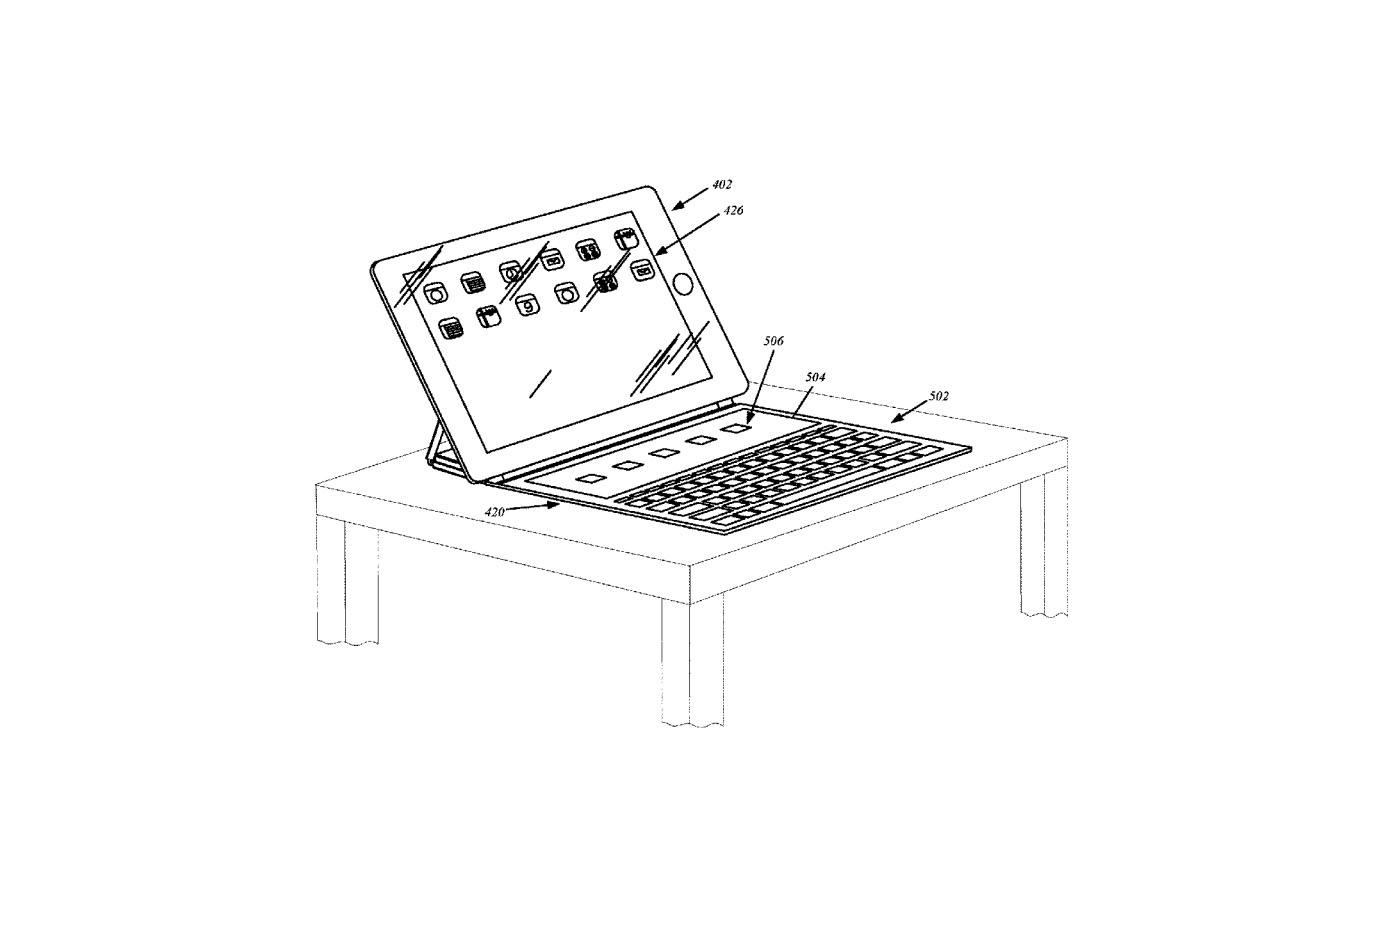 brevet ipad - Brevet : l'iPad pourrait disposer d'un clavier… avec Touch Bar !